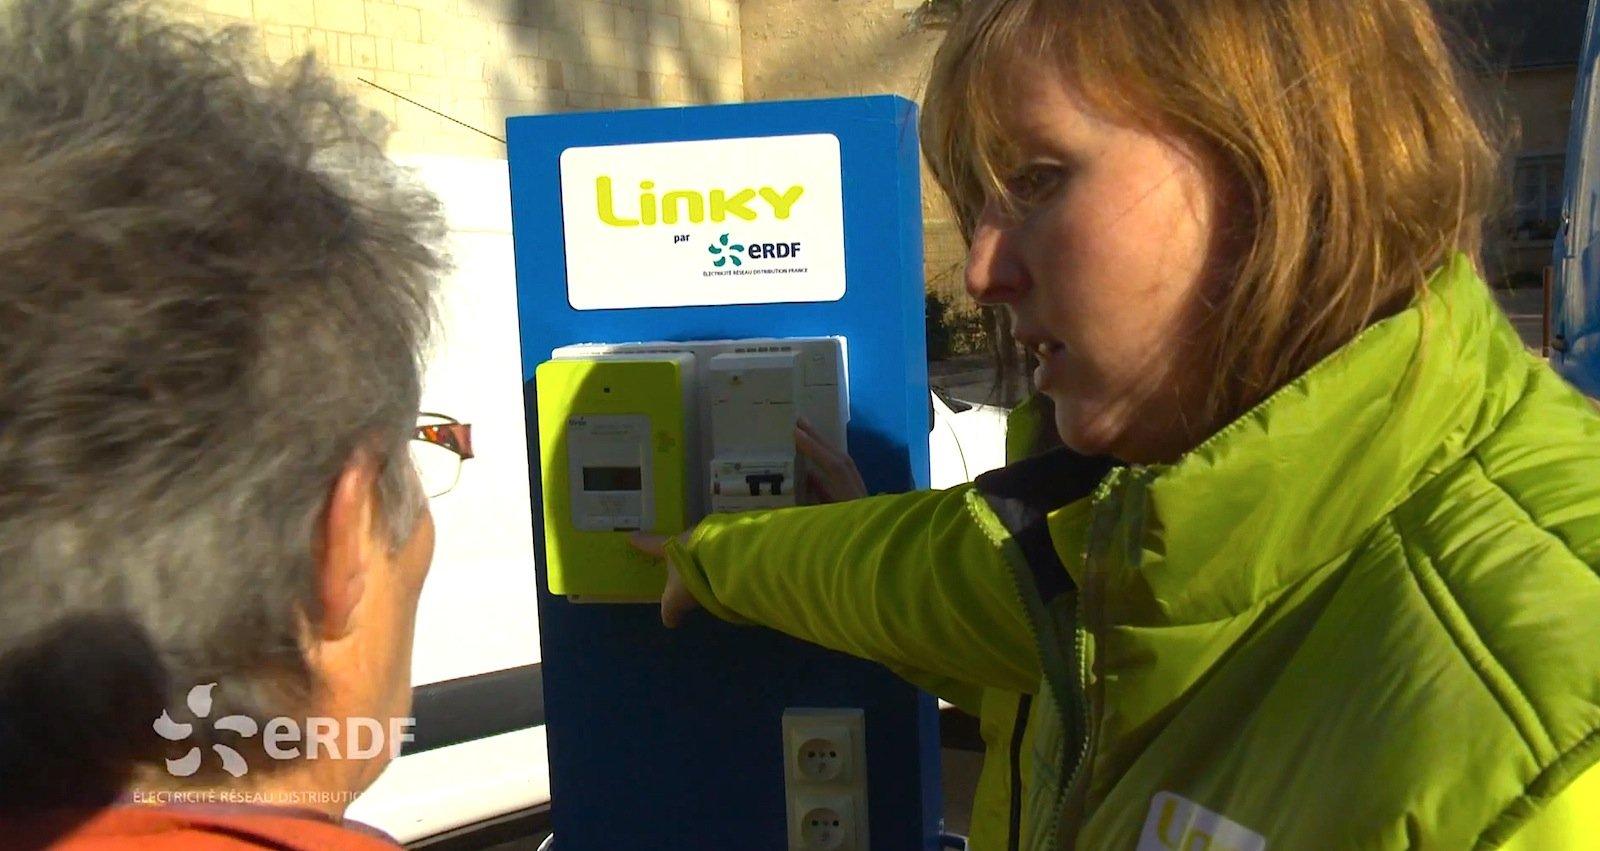 Werbeaktion für den intelligenten Stromzähler Linky in Frankreich: Bereits bis 2016 sollen drei Millionen Zähler in französischen Haushalten montiert sein.